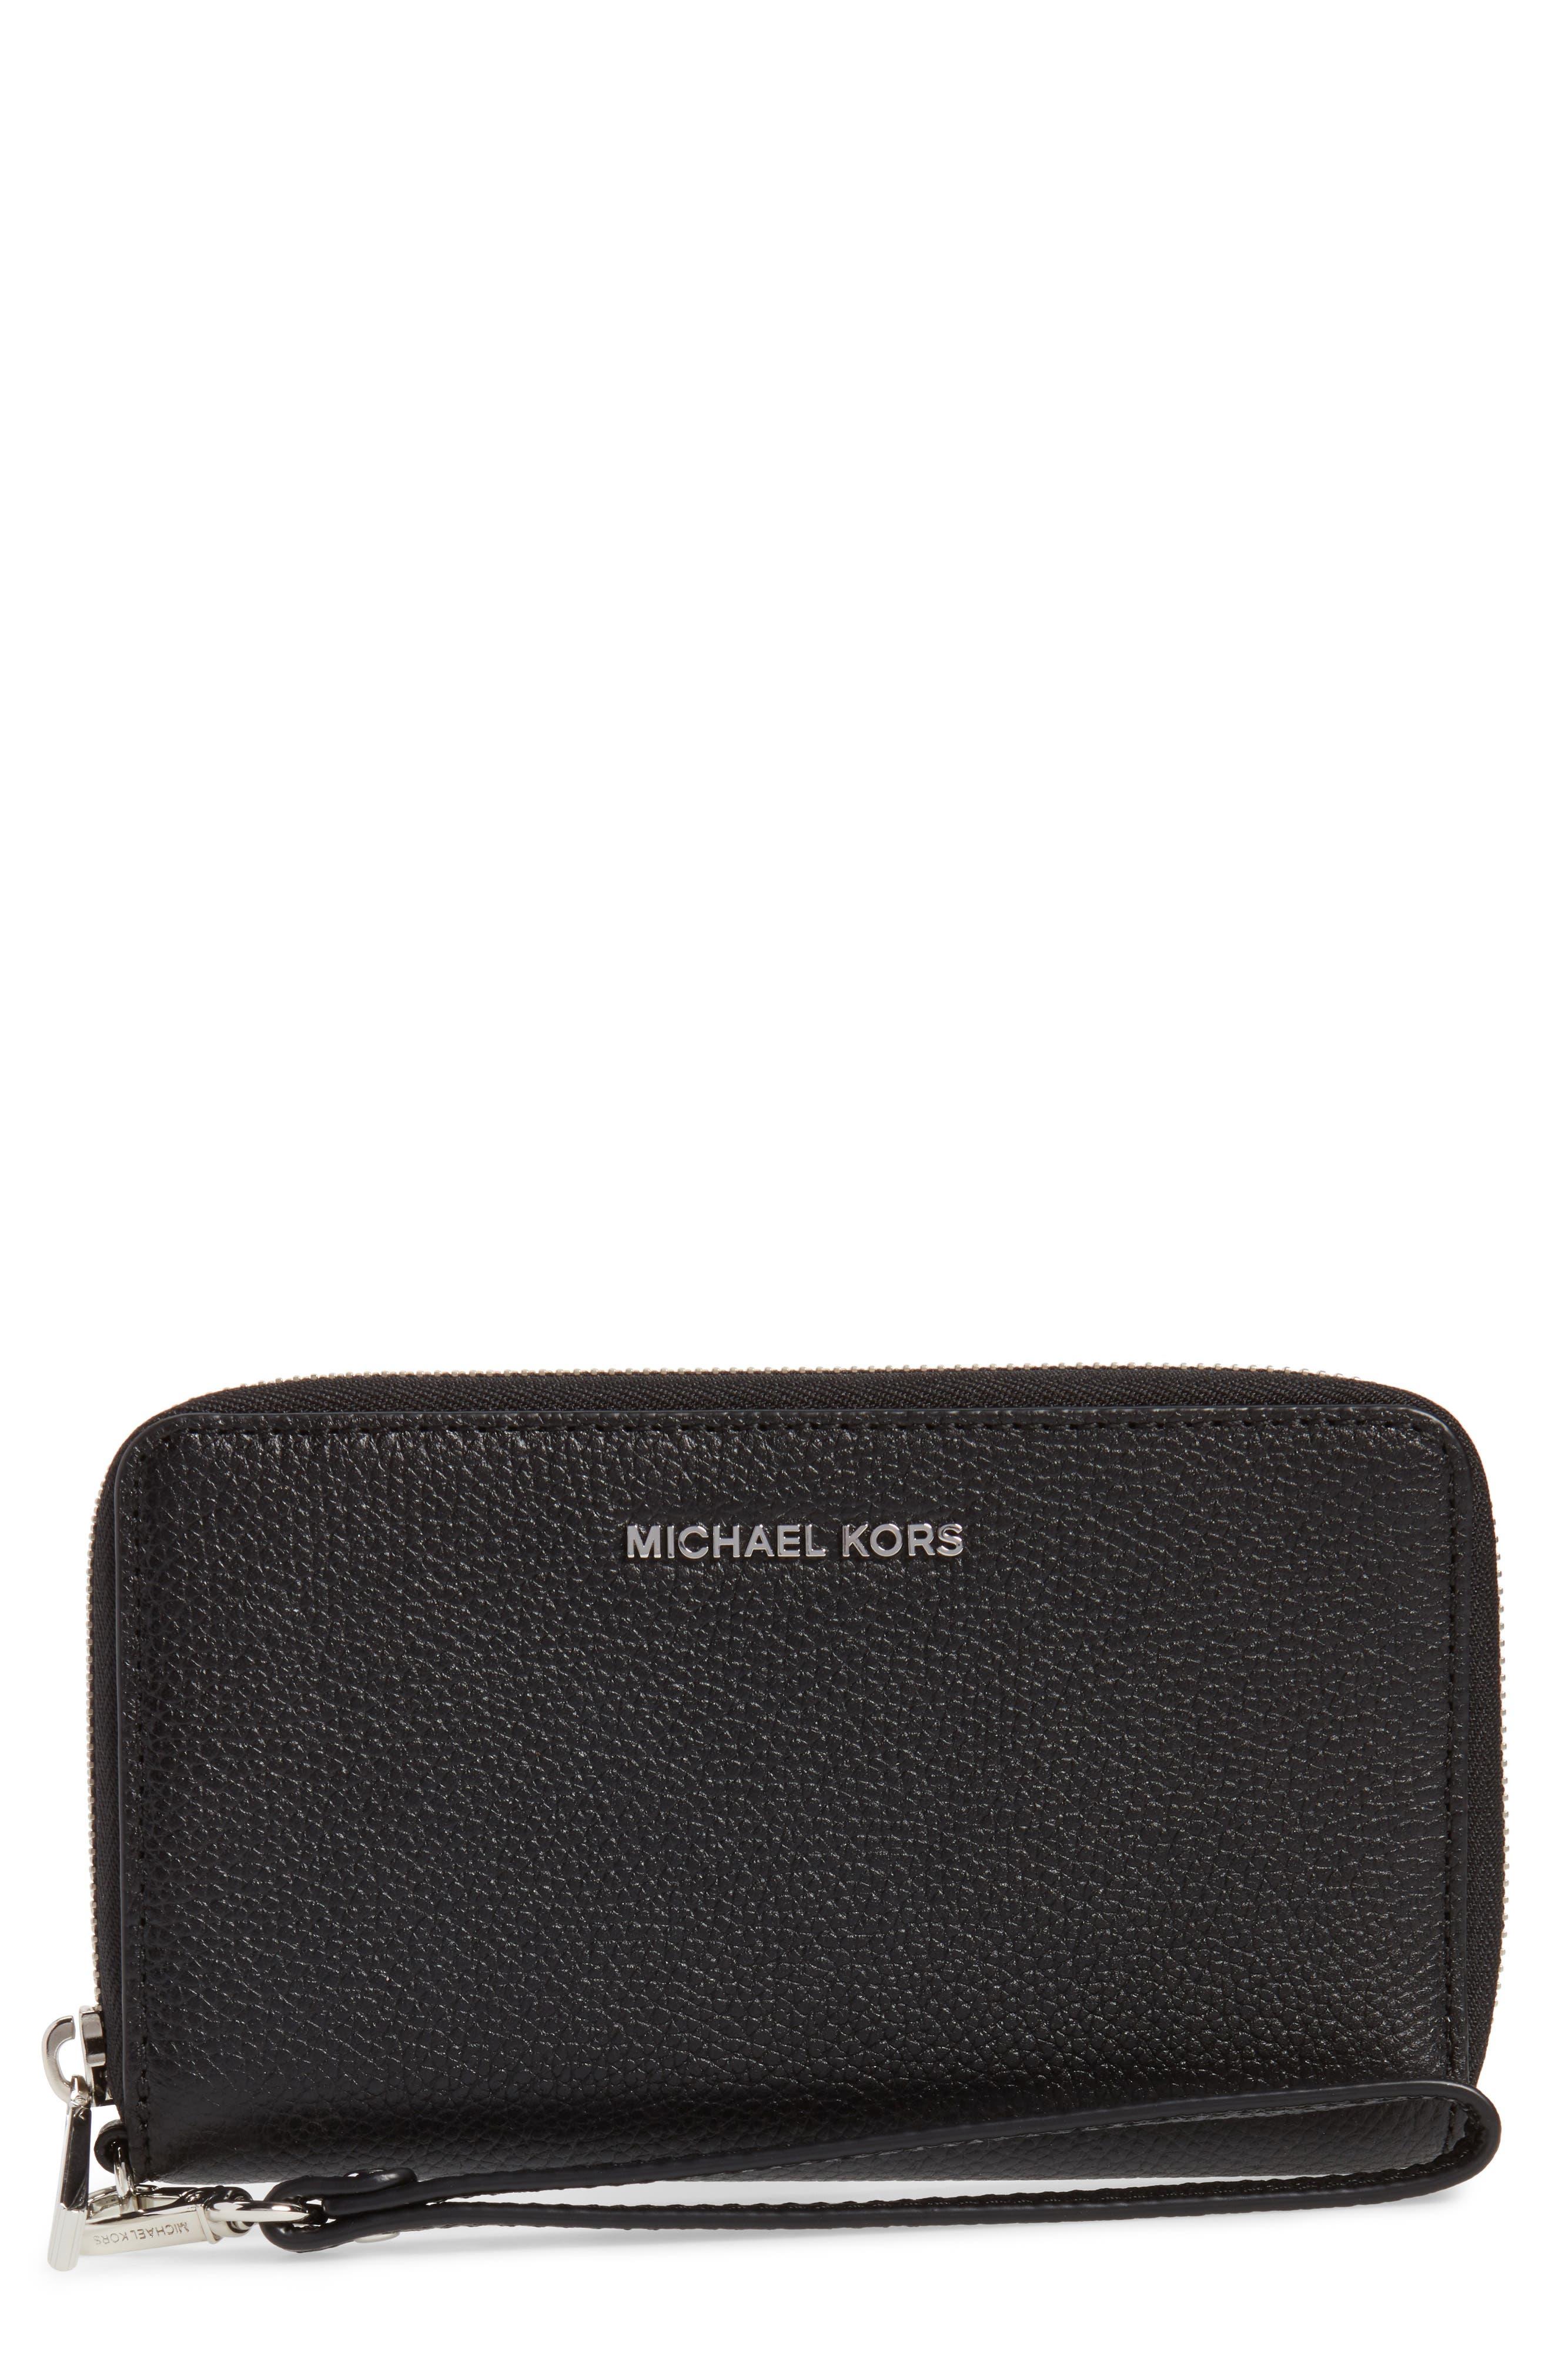 Mercer Large Leather Wristlet,                         Main,                         color, 001